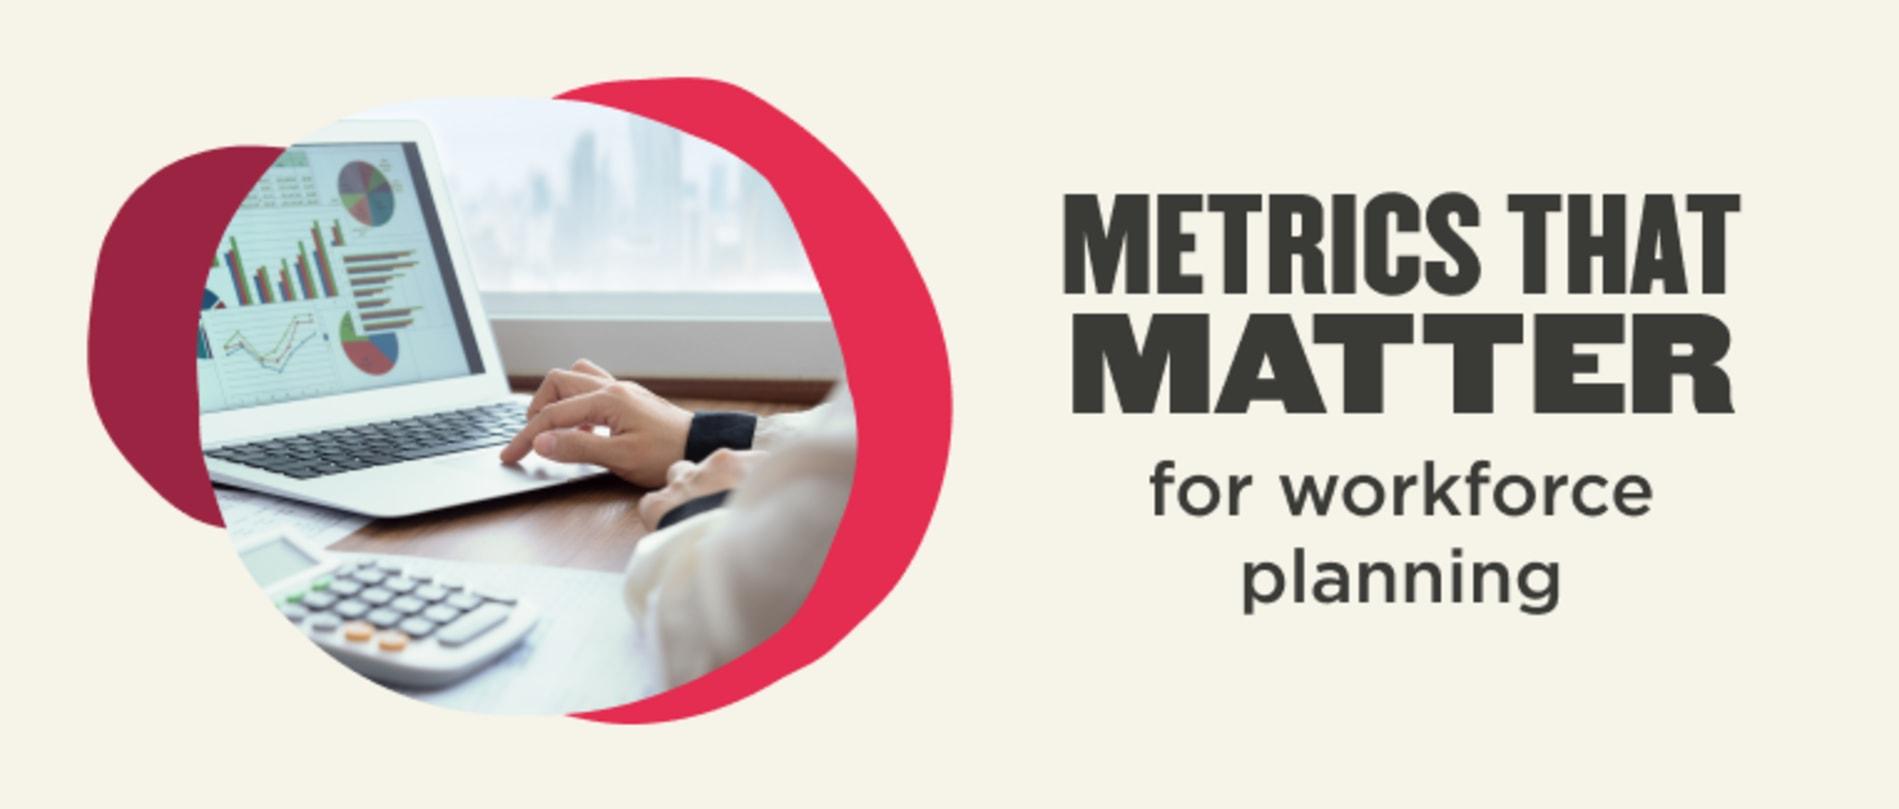 Metrics that matter (workforce planning)